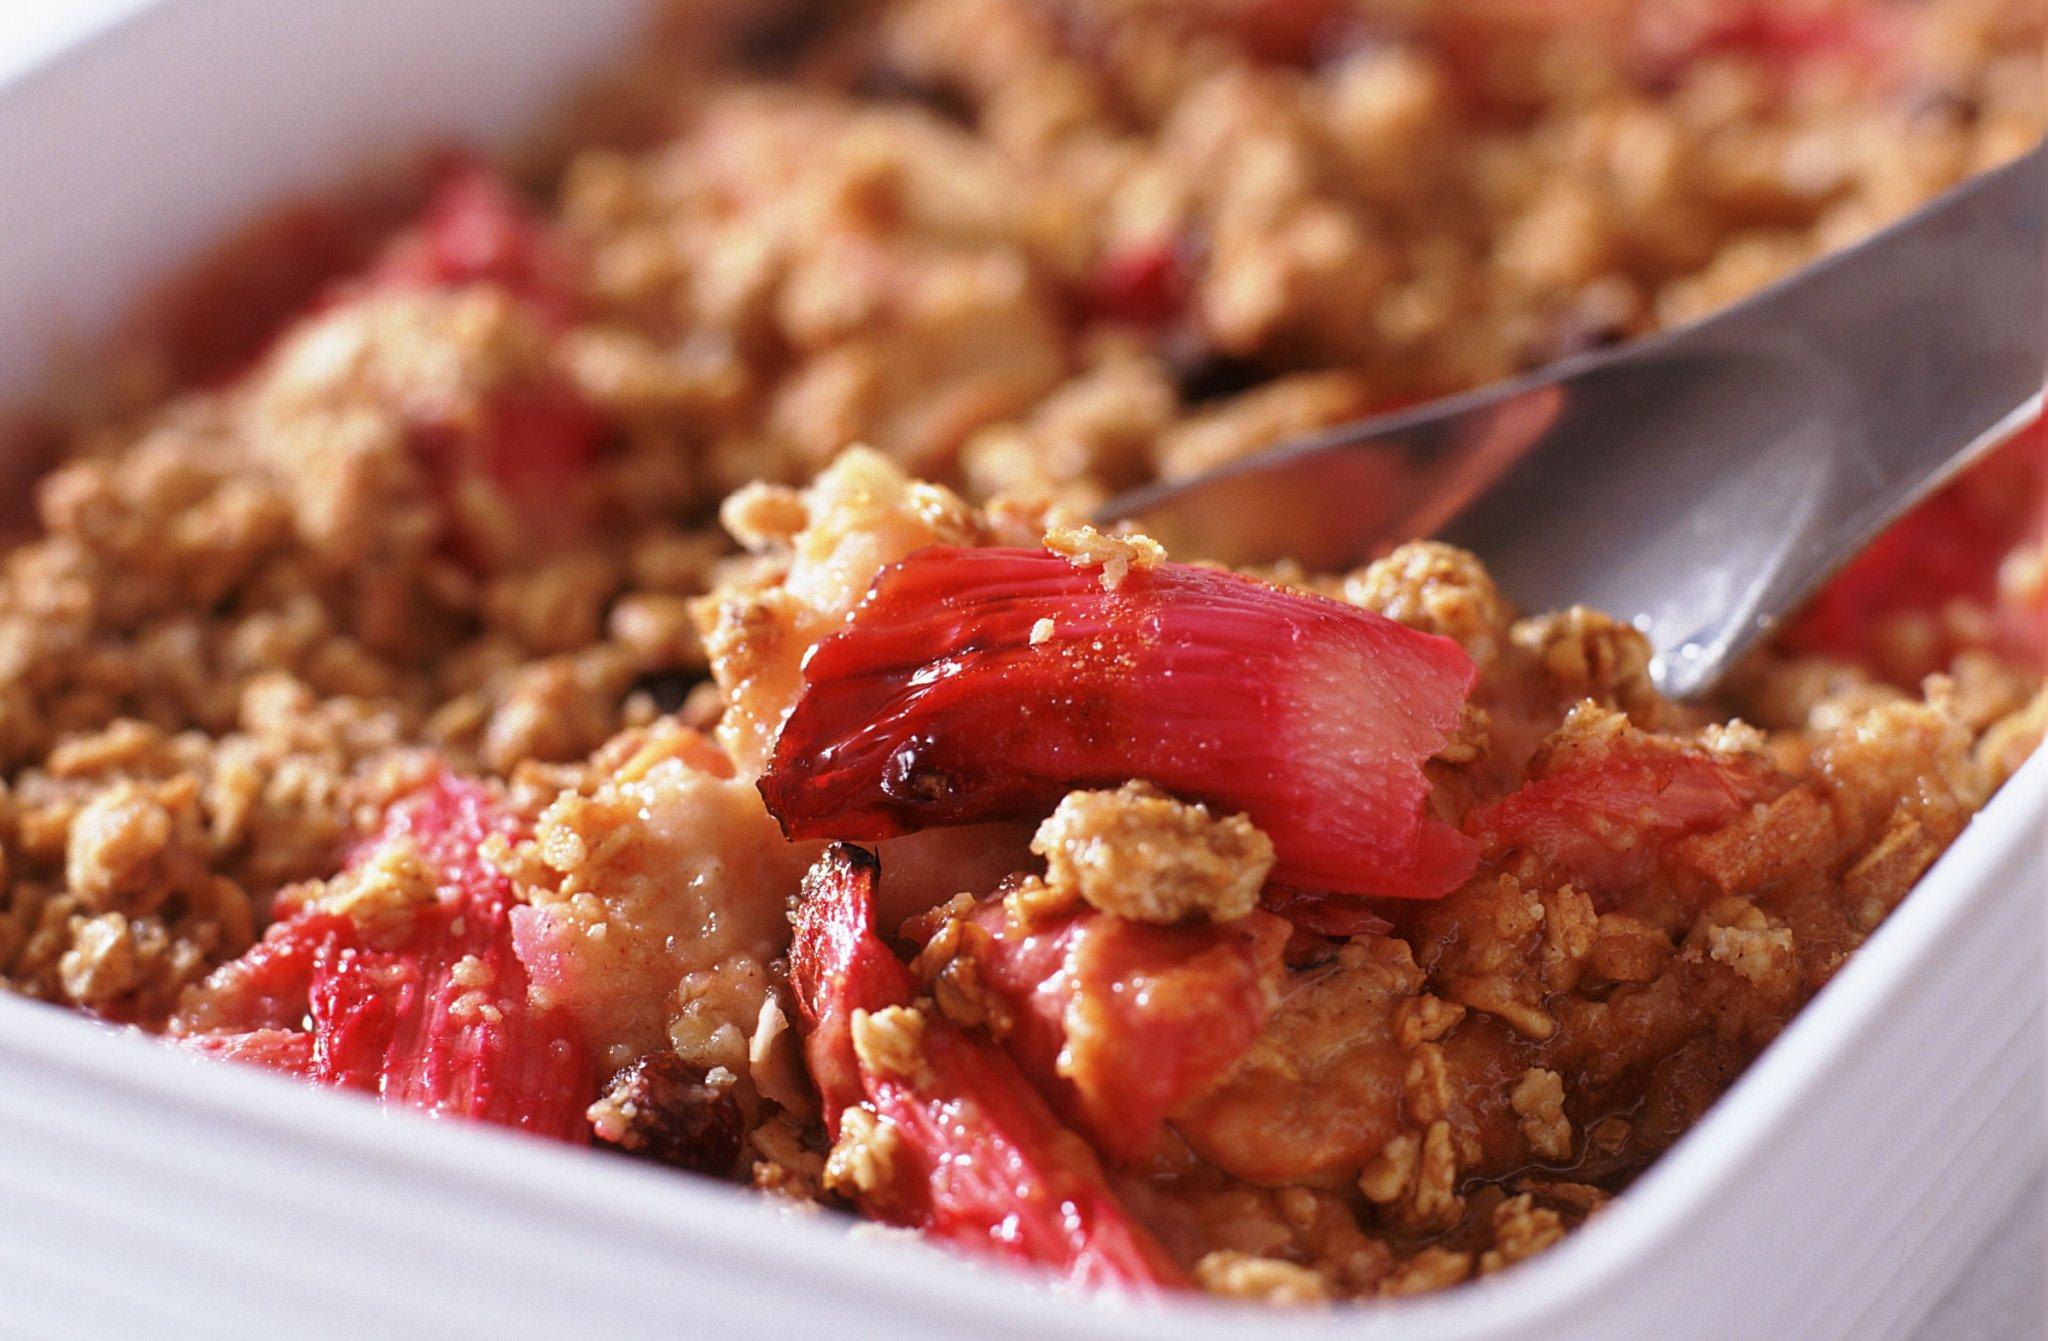 Rhubarb and apple crumble